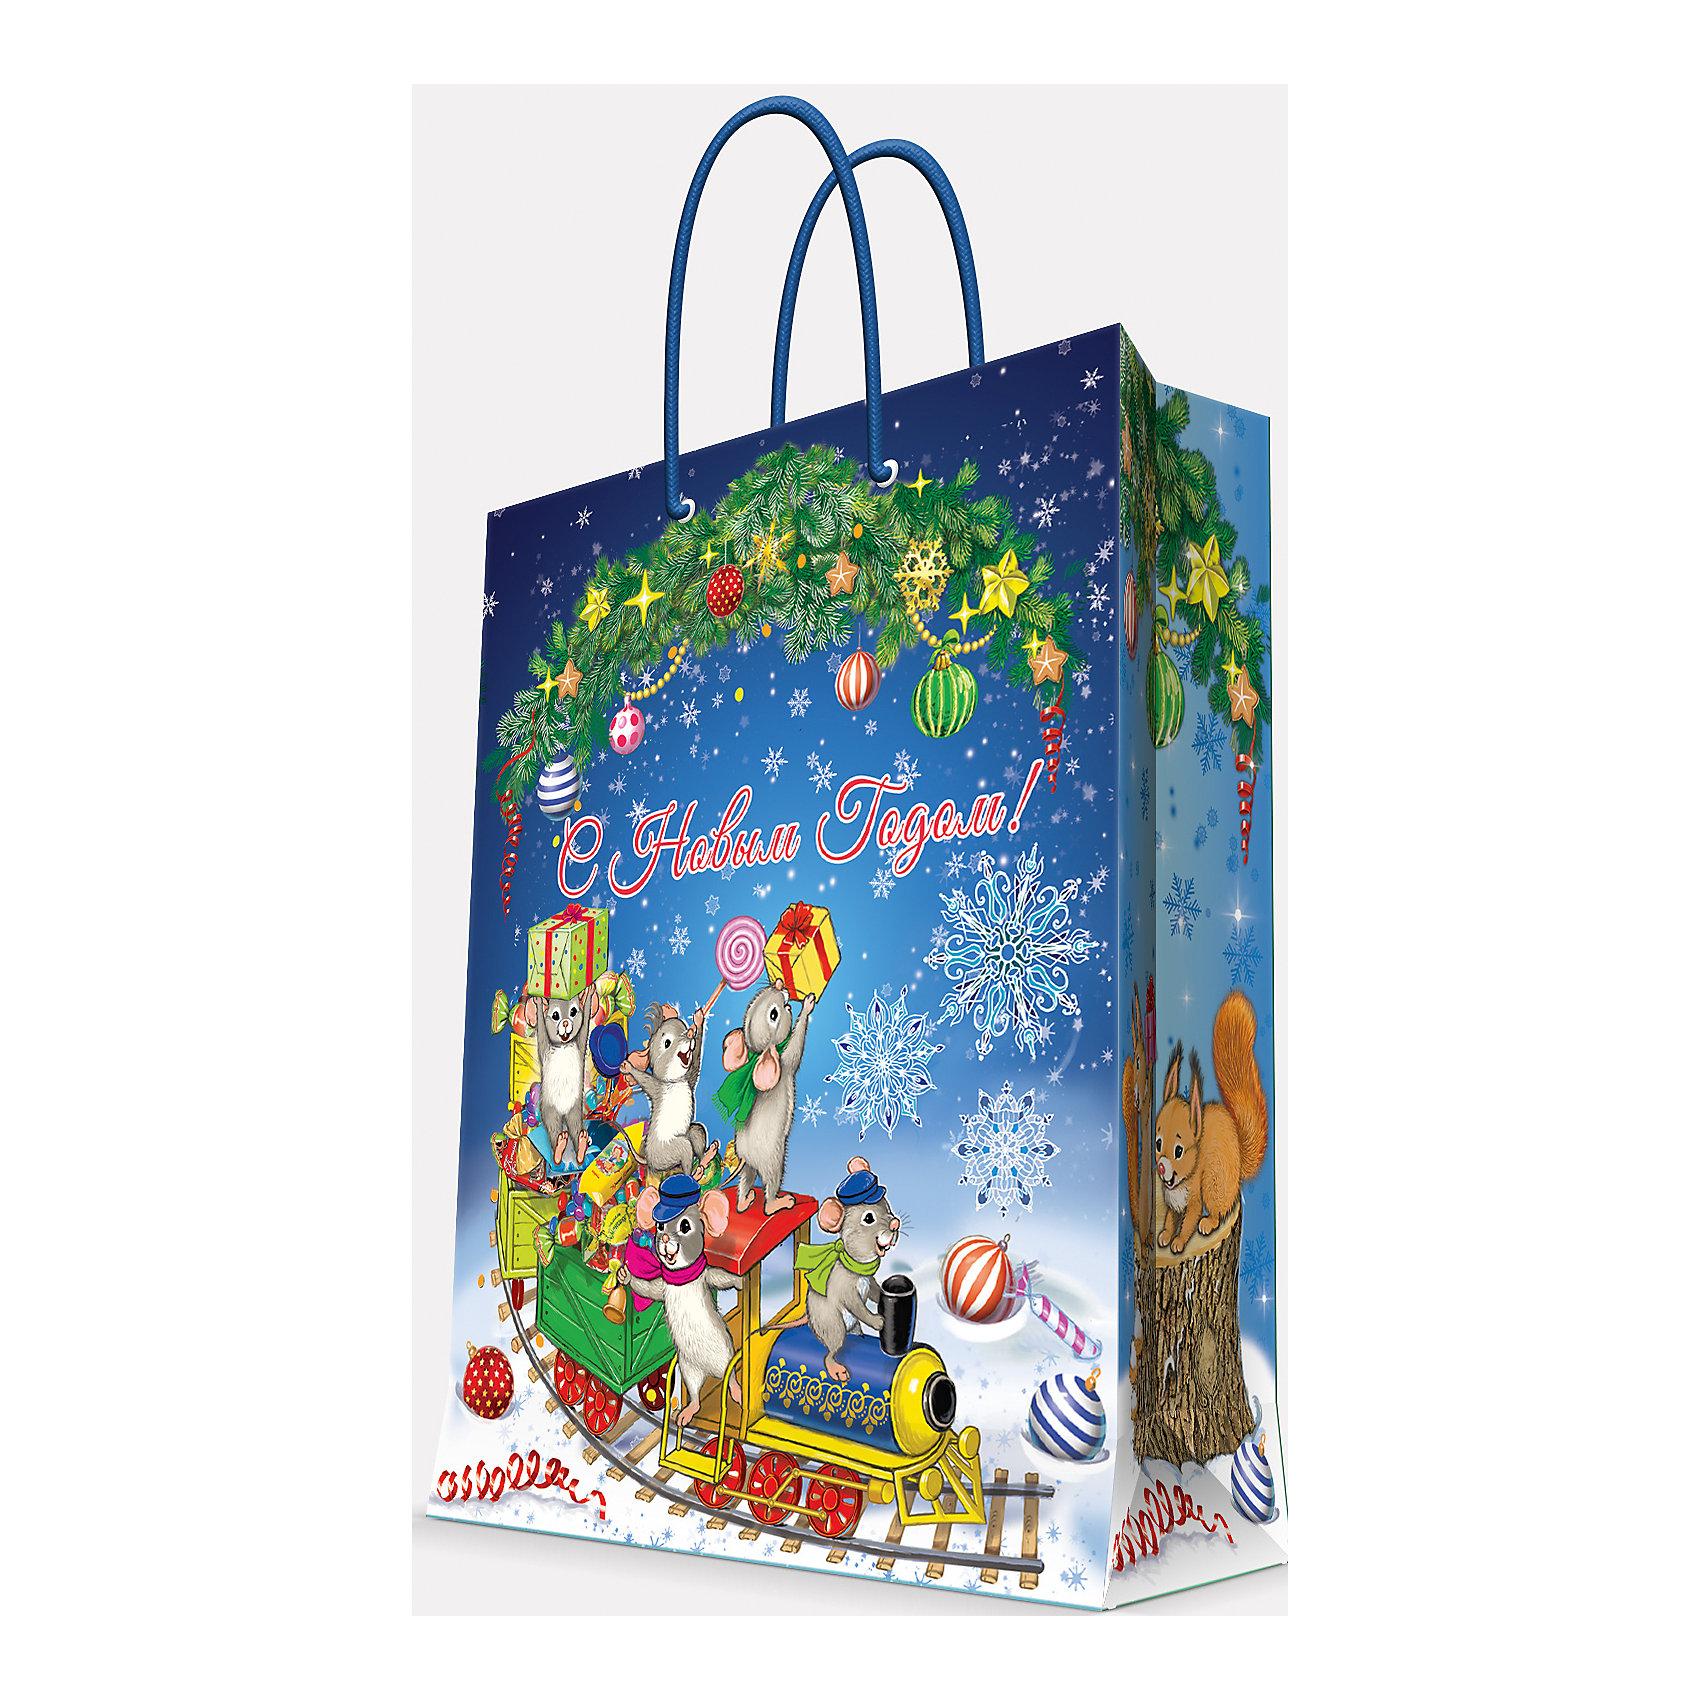 Подарочный пакет Новогодний паровозик и мышата 17,8*22,9*9,8 смДетские подарочные пакеты<br>Предновогодние хлопоты многие любят даже больше самого праздника! Праздничное настроение создает украшенный дом, наряженная ёлка, запах мандаринов, предновогодняя суета и, конечно же, подарки! Чтобы сделать момент вручения приятнее, нужен красивый подарочный пакет.<br>Этот пакет украшен симпатичным универсальным рисунком, поэтому в него можно упаковать подарок и родственнику, и коллеге. Он сделан из безопасного для детей, прочного, но легкого, материала. Создайте с ним праздничное настроение себе и близким!<br><br>Дополнительная информация:<br><br>плотность бумаги: 140 г/м2;<br>размер: 18 х 23 х 10 см;<br>с ламинацией;<br>украшен рисунком.<br><br>Подарочный пакет Новогодний паровозик и мышата 17,8*22,9*9,8 см можно купить в нашем магазине.<br><br>Ширина мм: 178<br>Глубина мм: 229<br>Высота мм: 98<br>Вес г: 39<br>Возраст от месяцев: 36<br>Возраст до месяцев: 2147483647<br>Пол: Унисекс<br>Возраст: Детский<br>SKU: 4981597